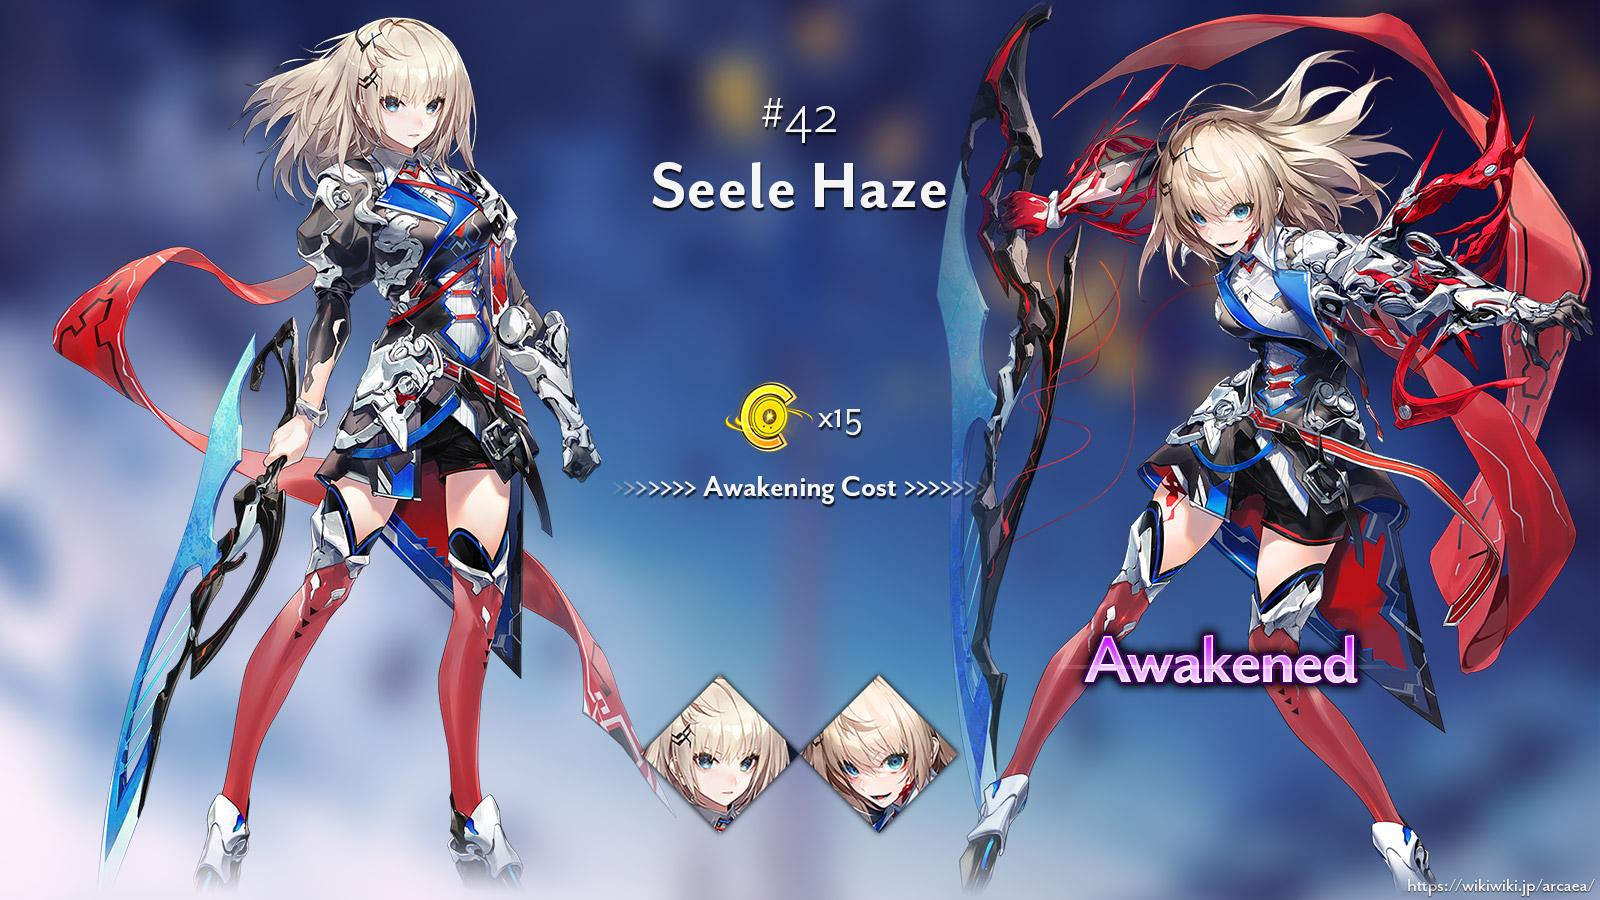 Seele Haze